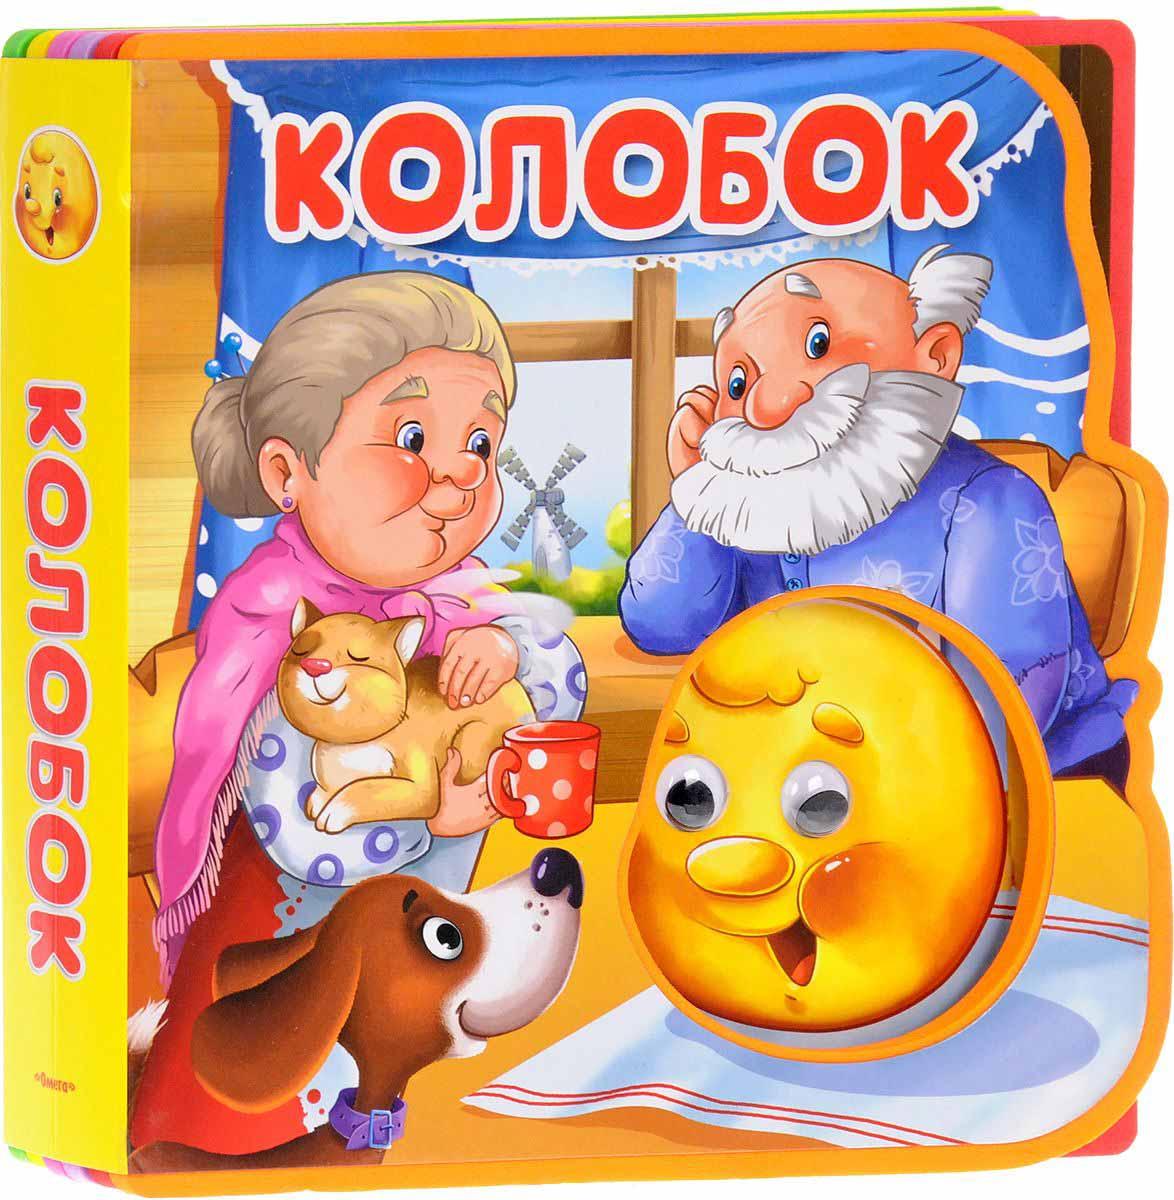 Книжка-сказка с глазками - КолобокКниги для малышей<br>Книжка-сказка с глазками - Колобок<br>